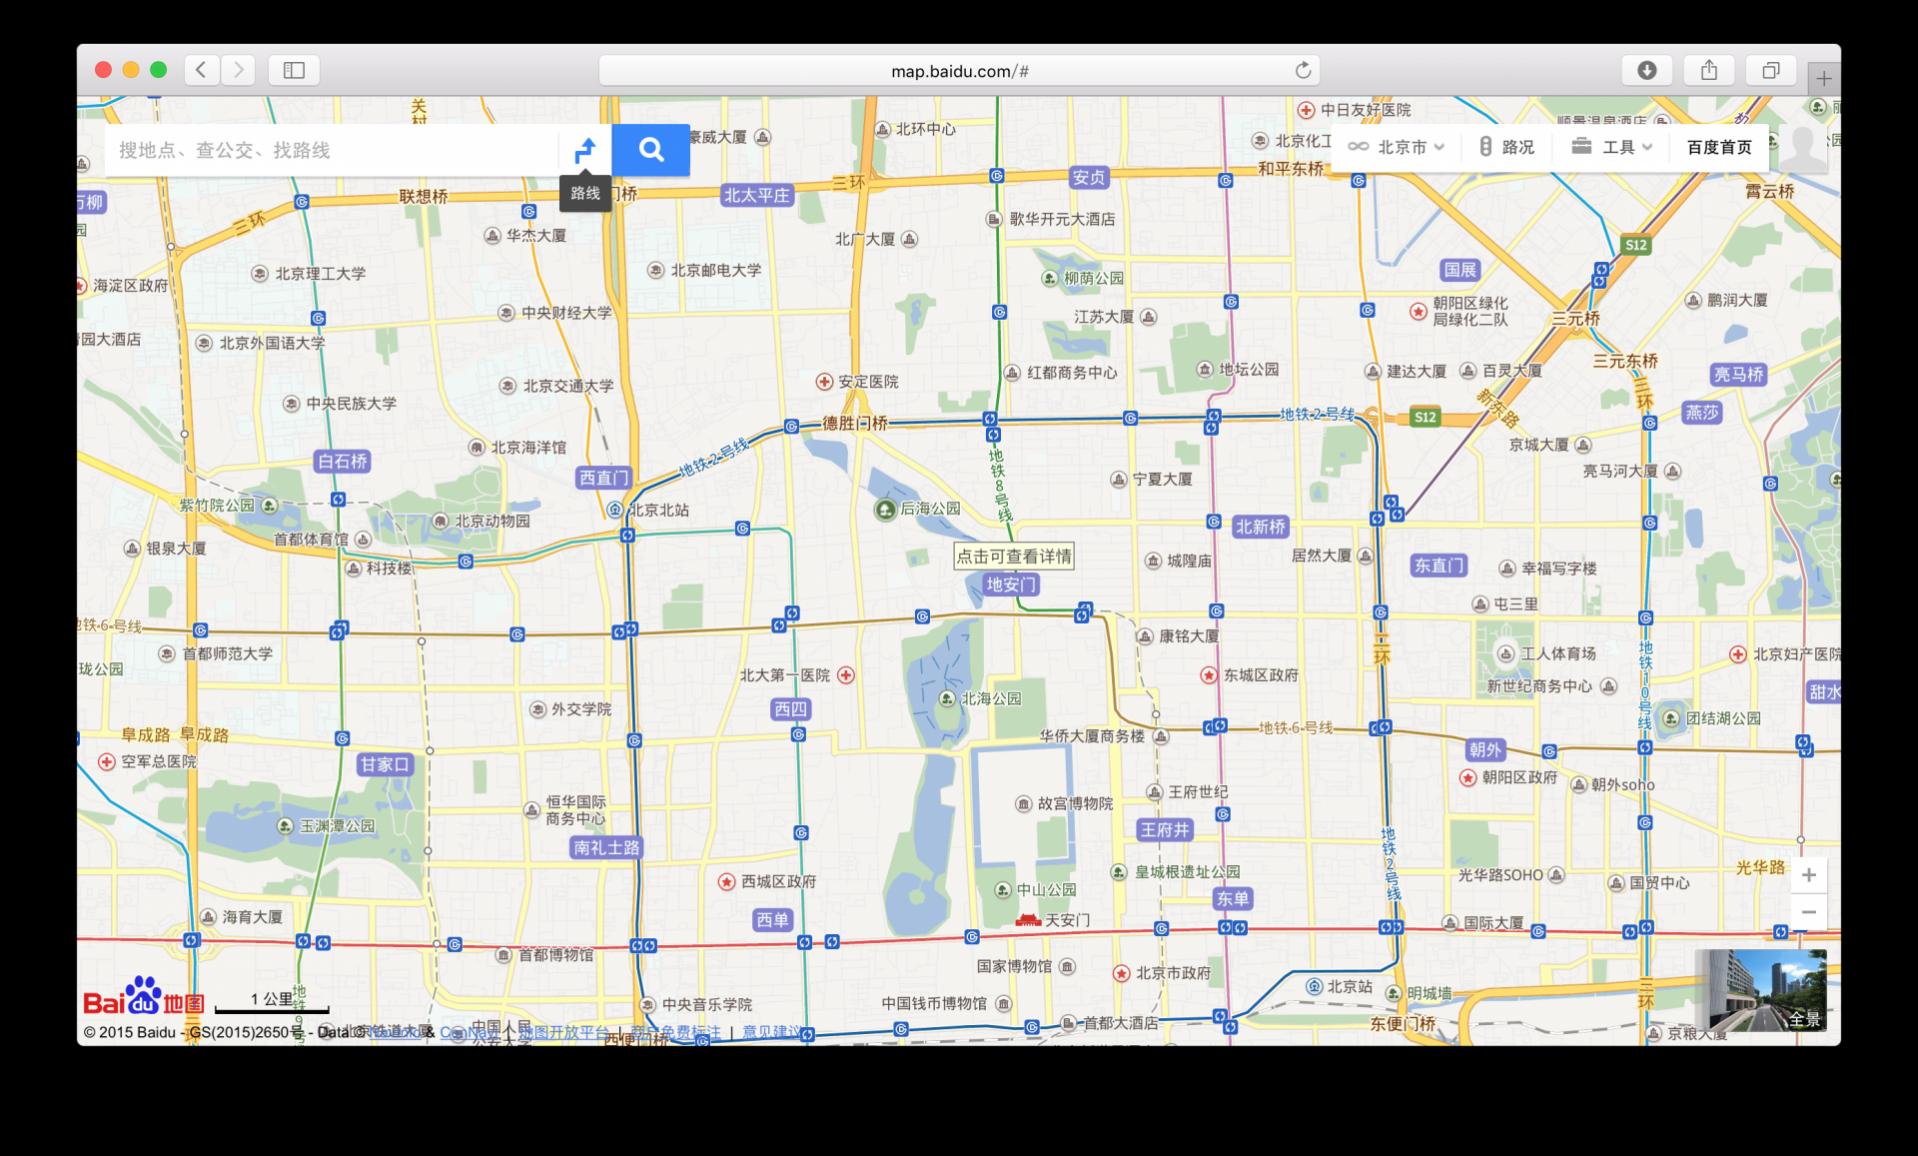 baidu-maps-web